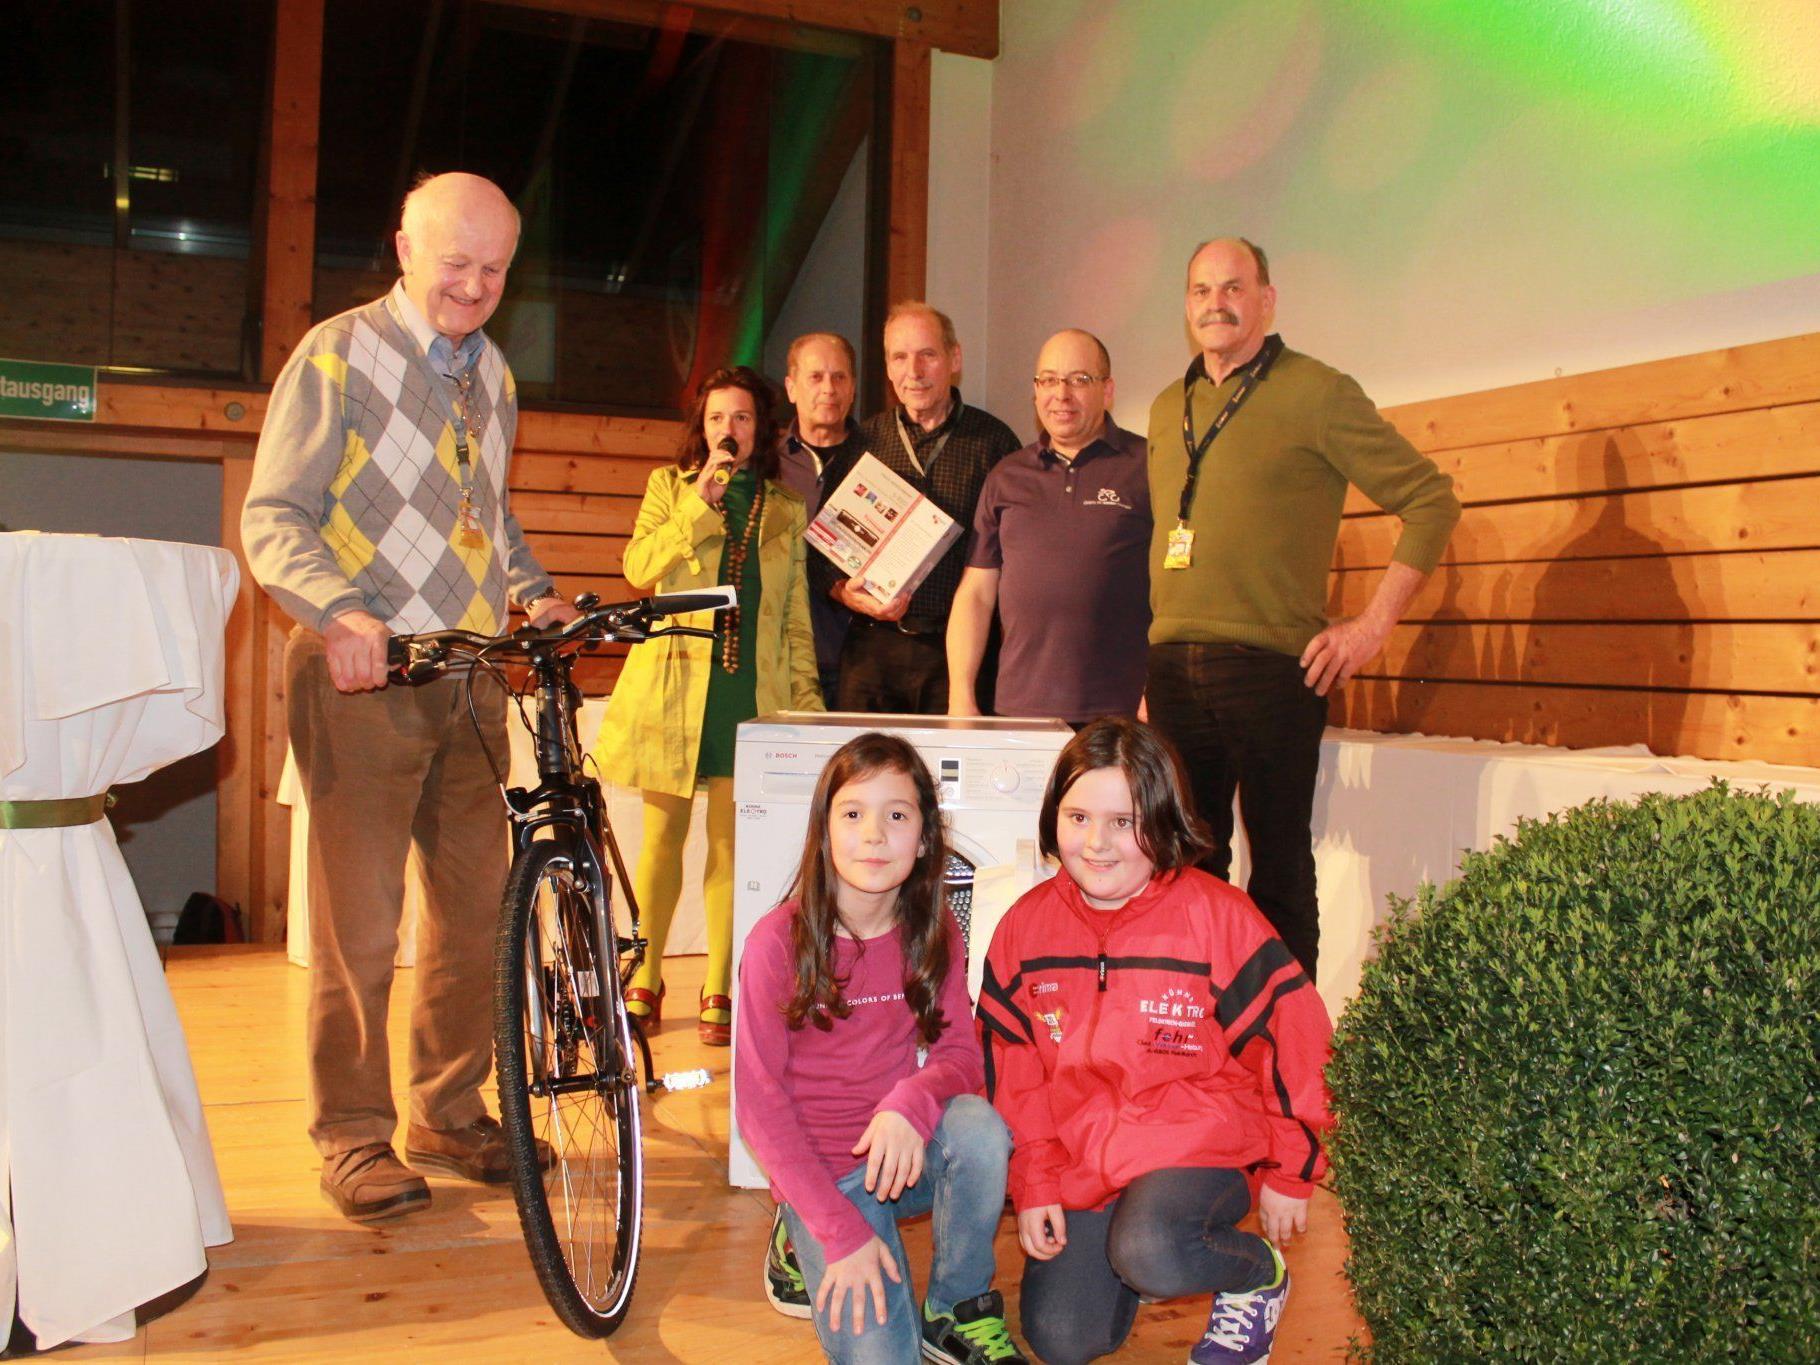 In der Tombola gab es viele Preise für Radfahrer zu gewinnen.